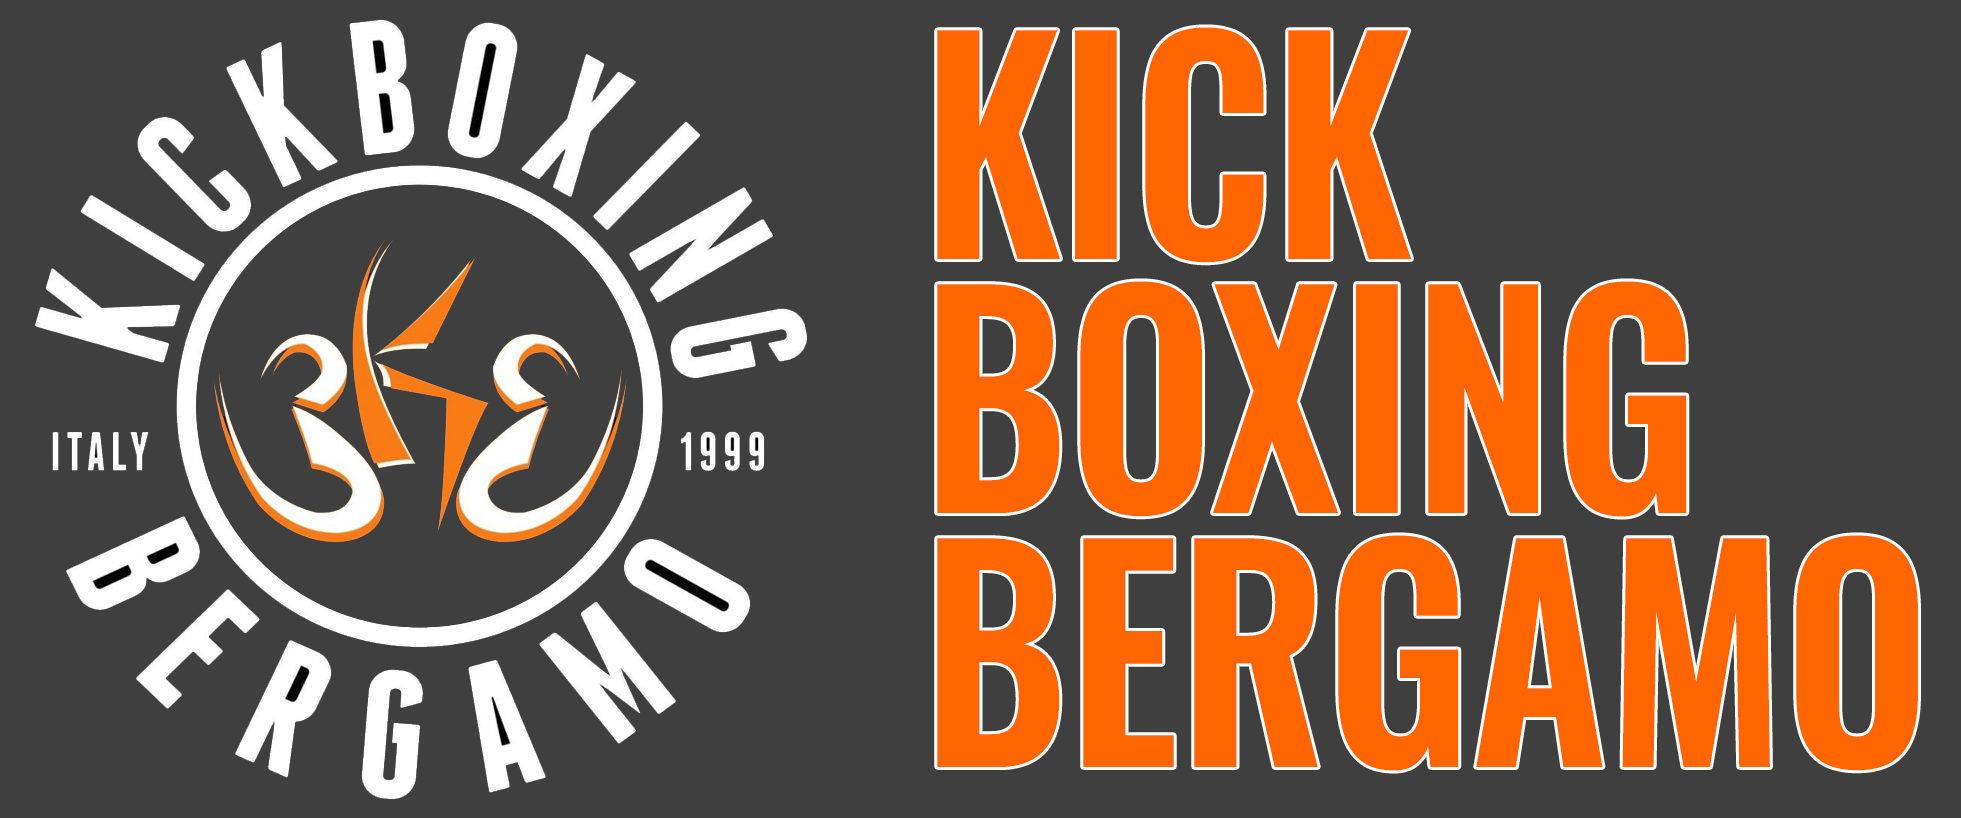 Kick Boxing Bergamo